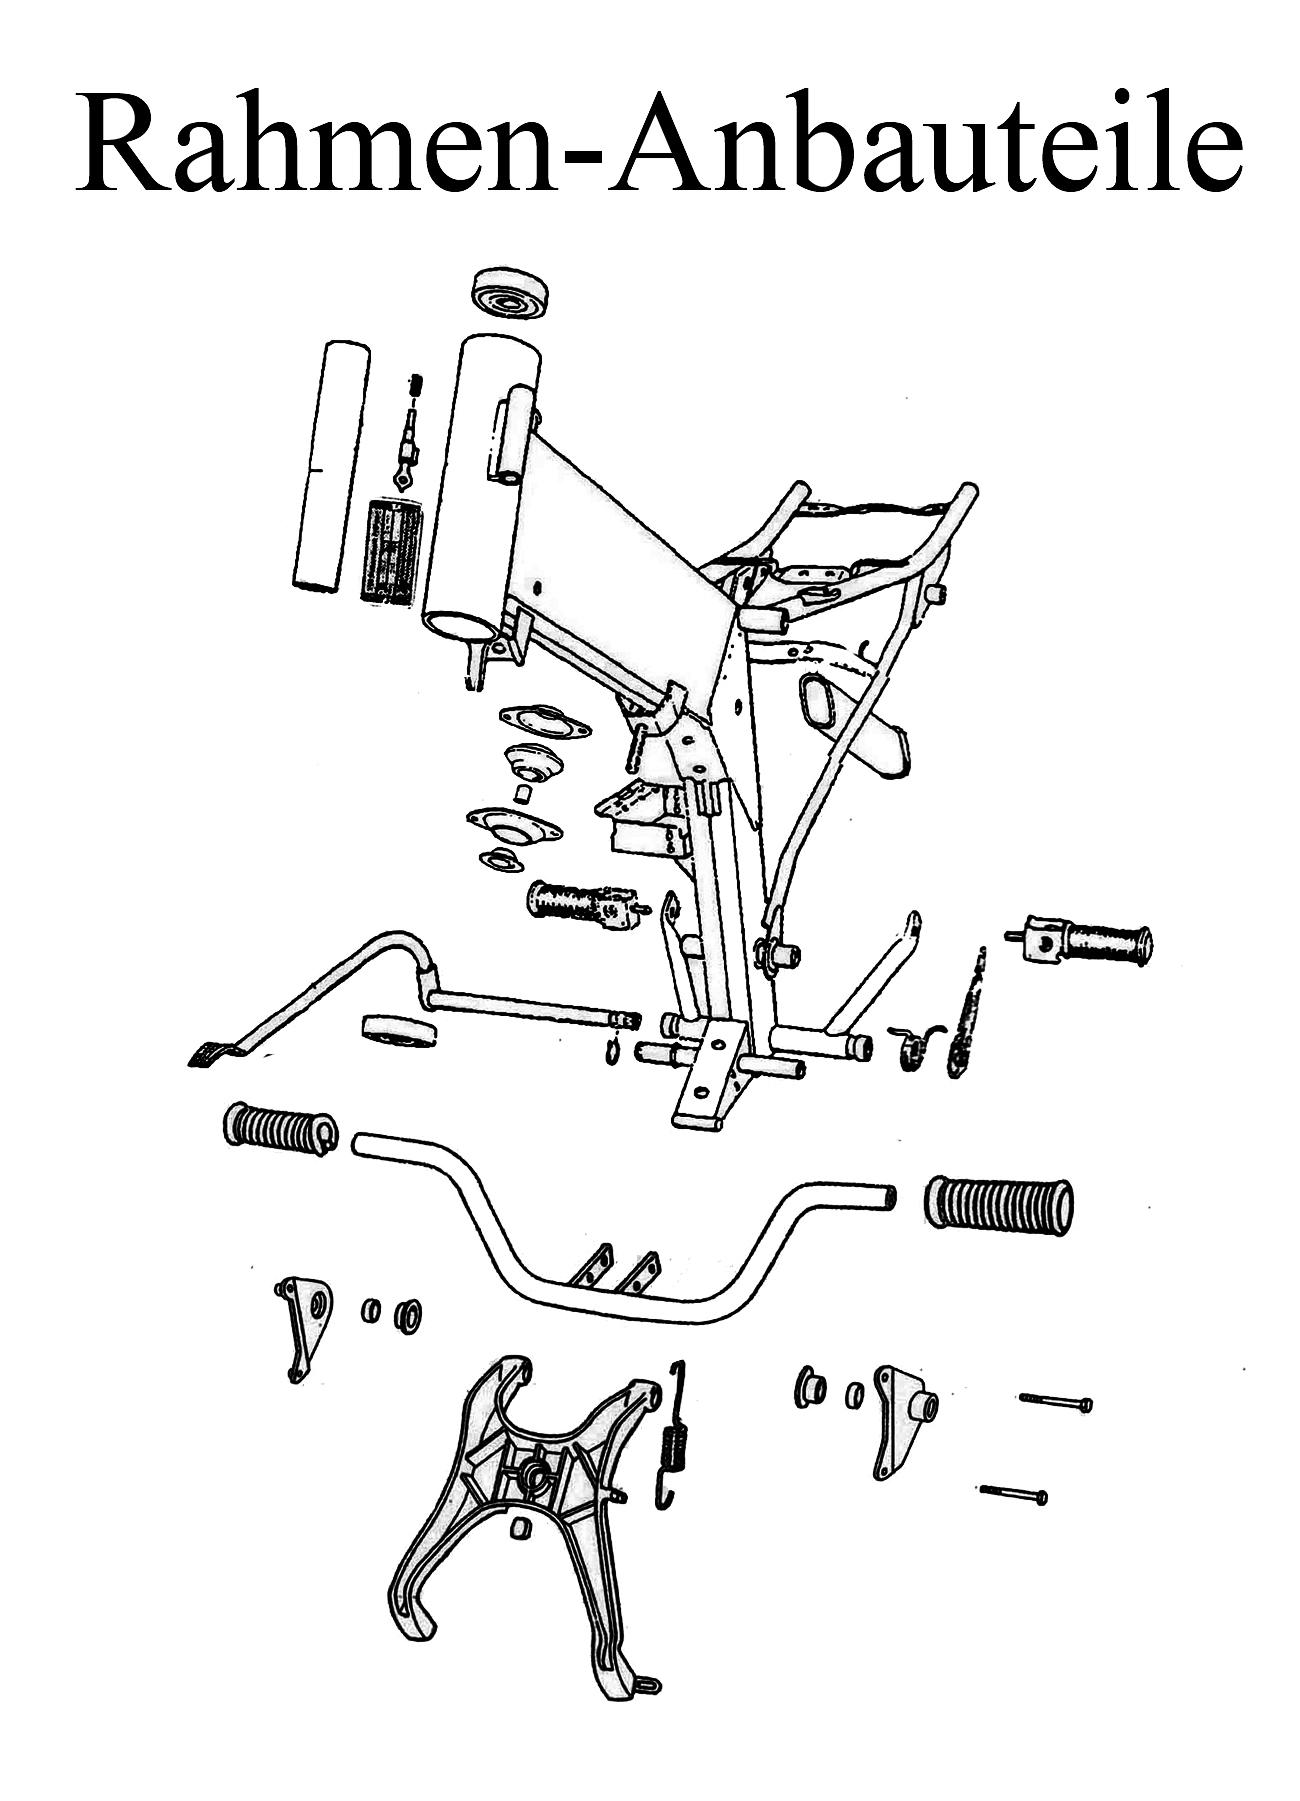 MZ ETZ 251 Ersatzteileliste Rahmen Anbauteile Fahrgestell Typenschild Lenkerschloß Fußrastengummi Motorschuh Ständerfeder Soziusfußrasten Bremshebel